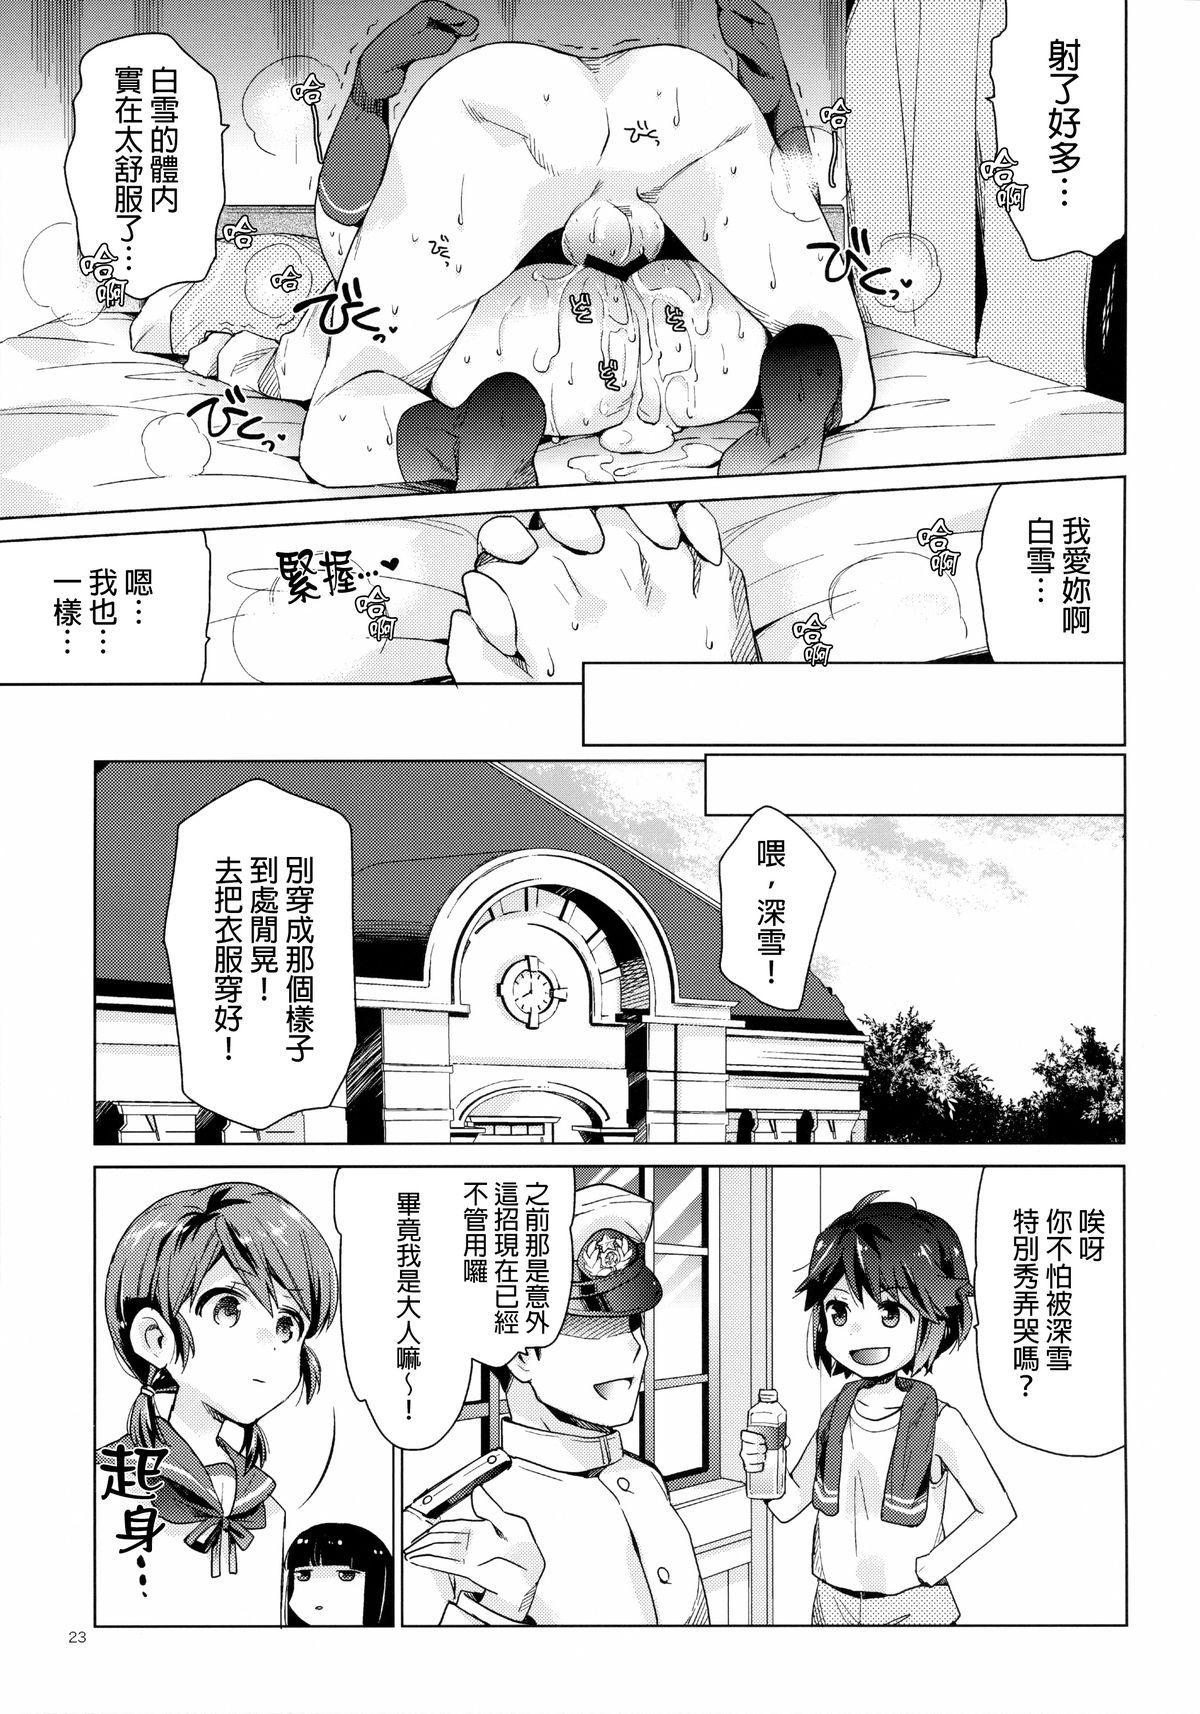 Shirayuki to Koi suru Hibi 2 21